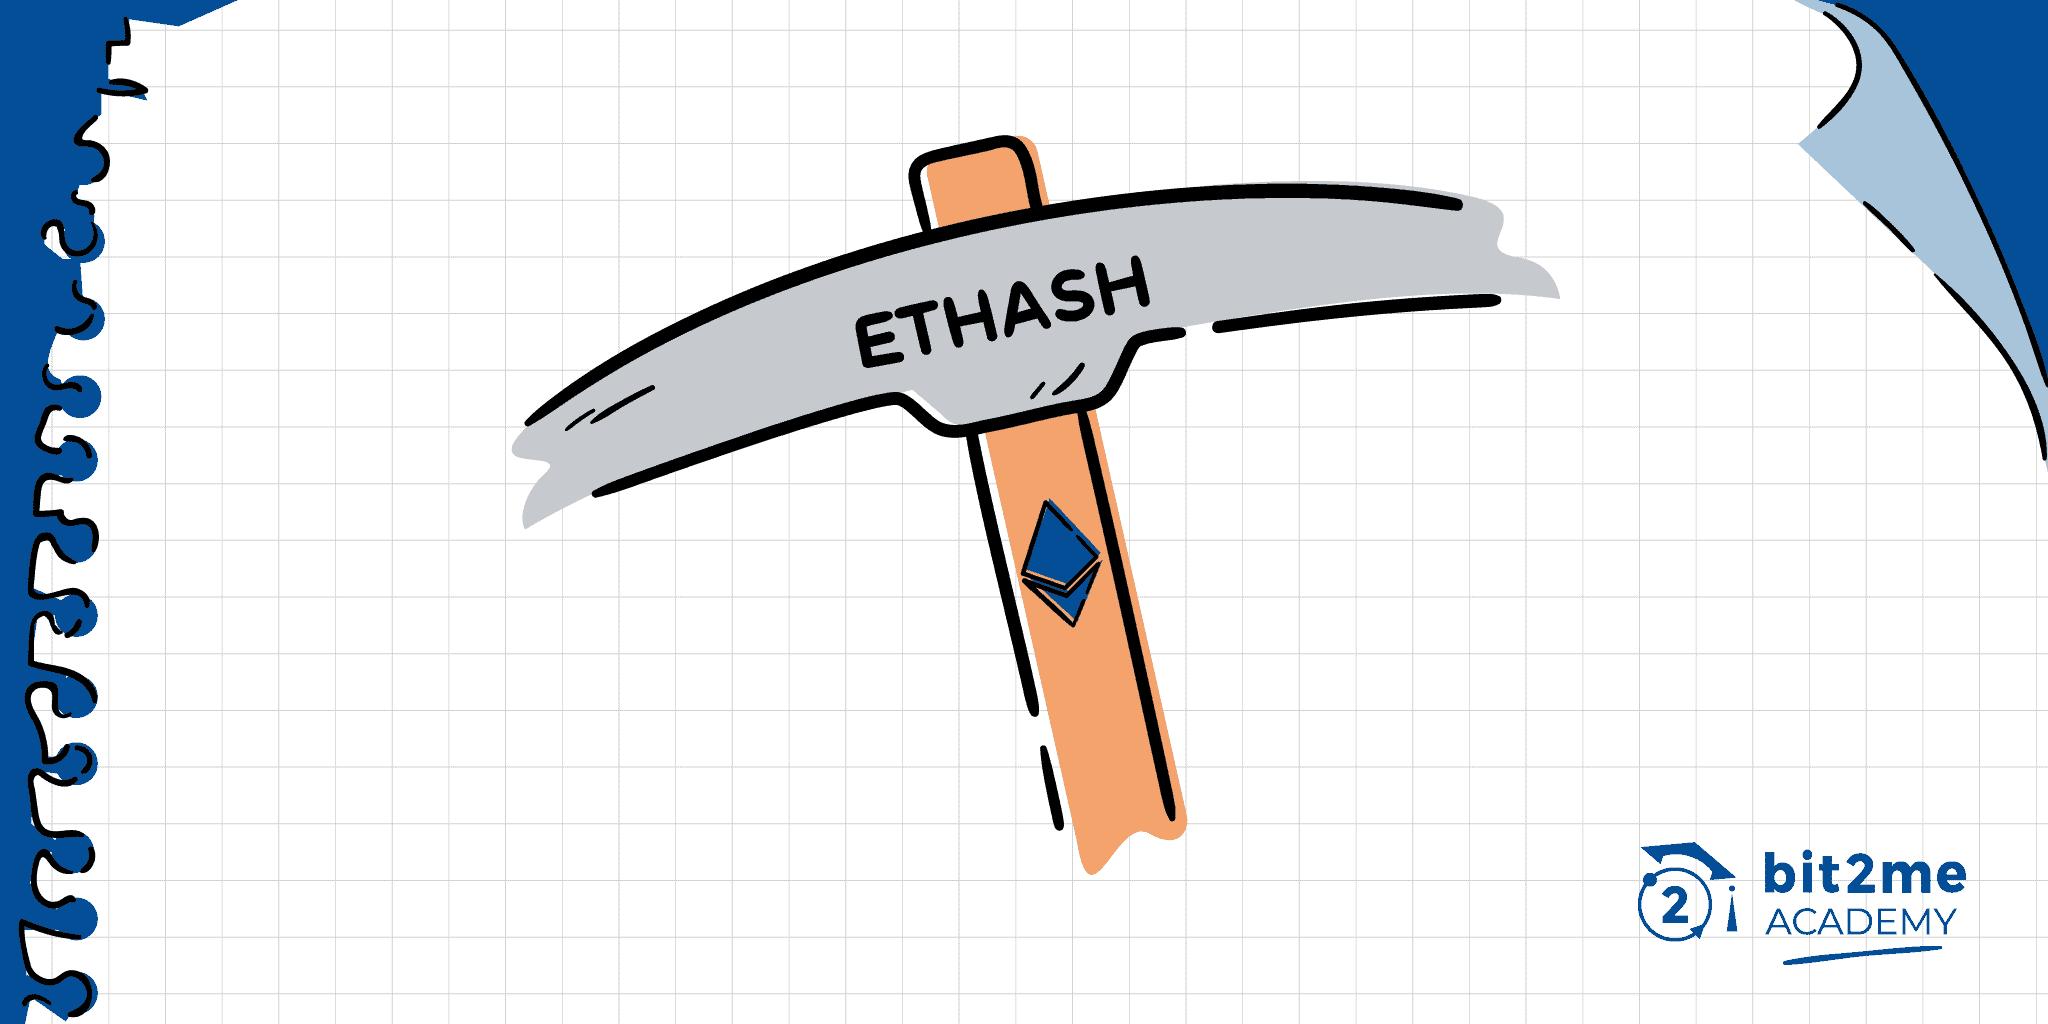 que es algoritmo ethash, que es algoritmo ethereum, que es ethash